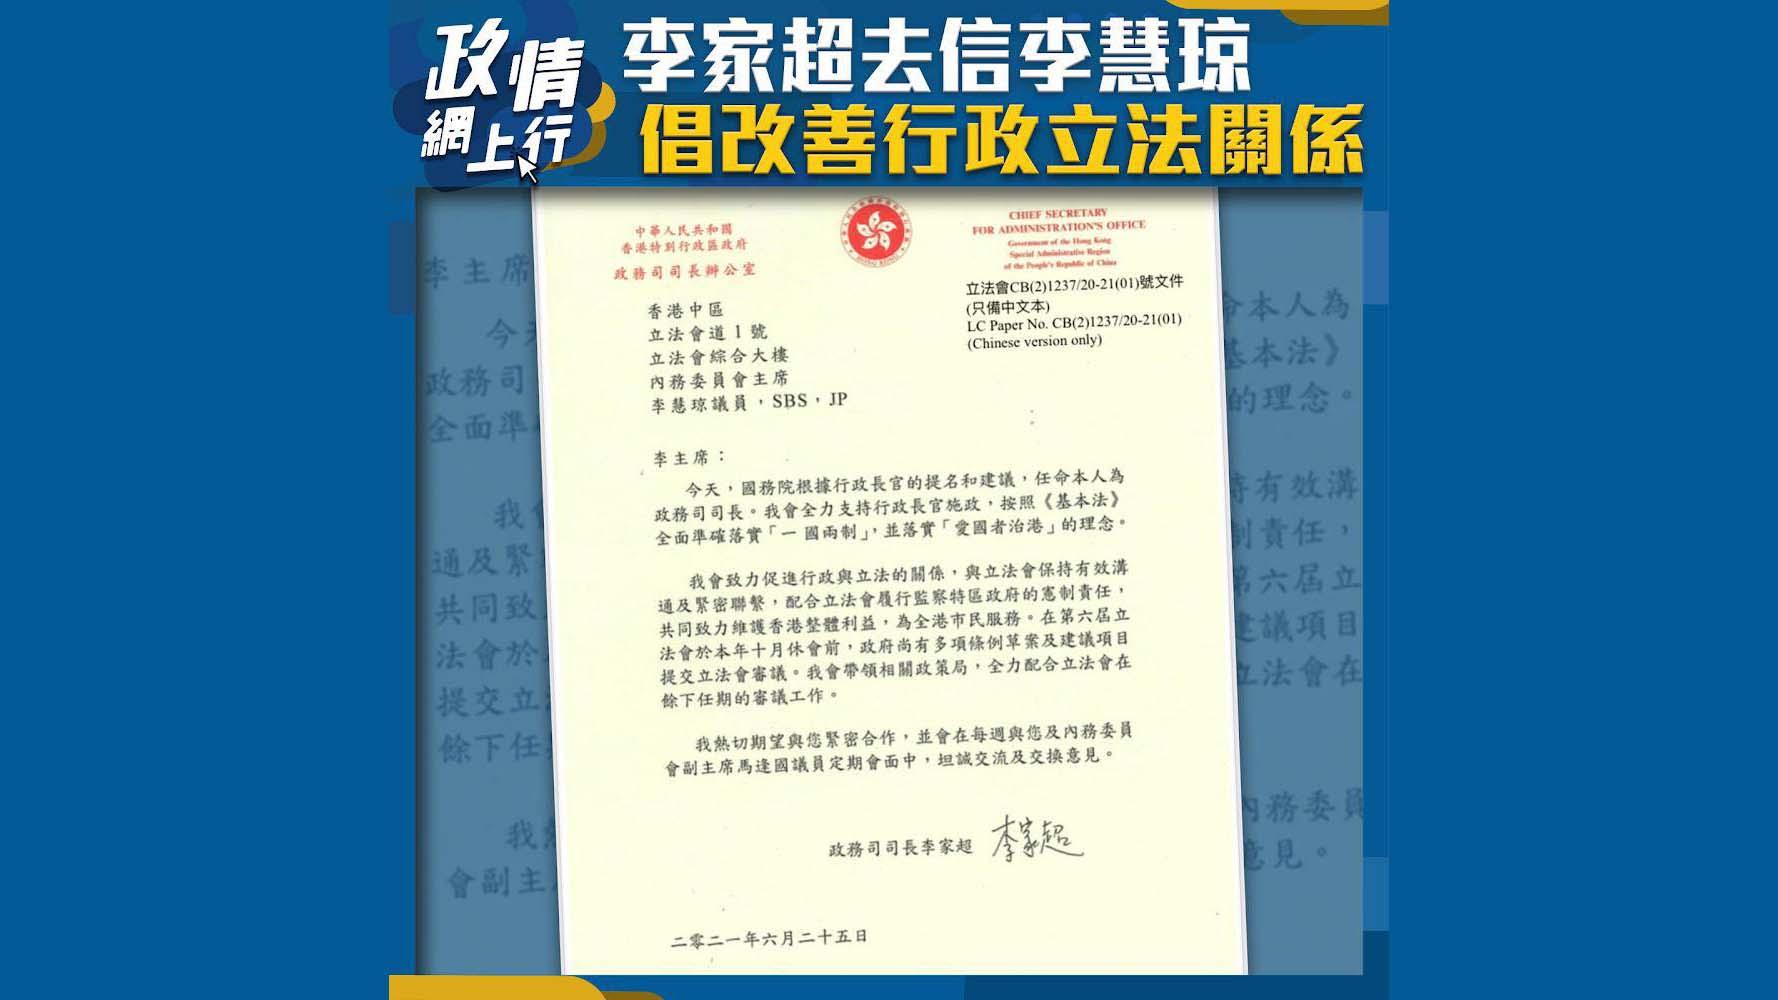 【政情網上行】李家超去信李慧琼 倡改善行政立法關係